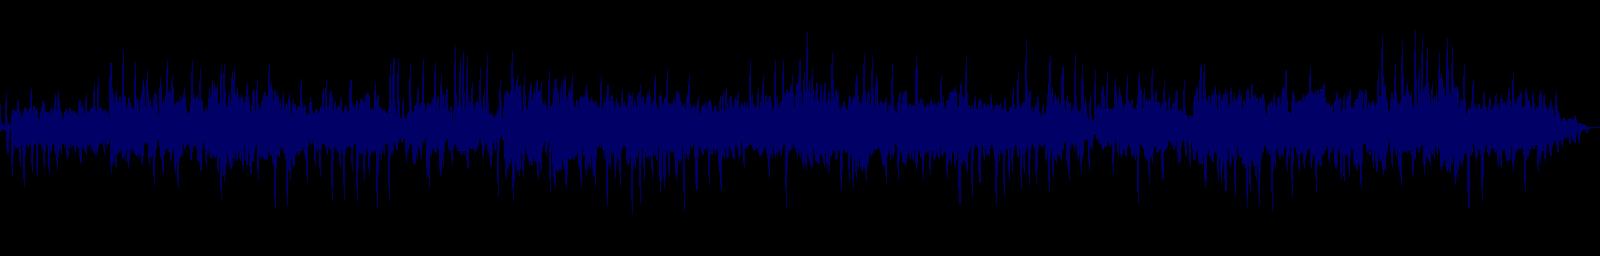 waveform of track #131342